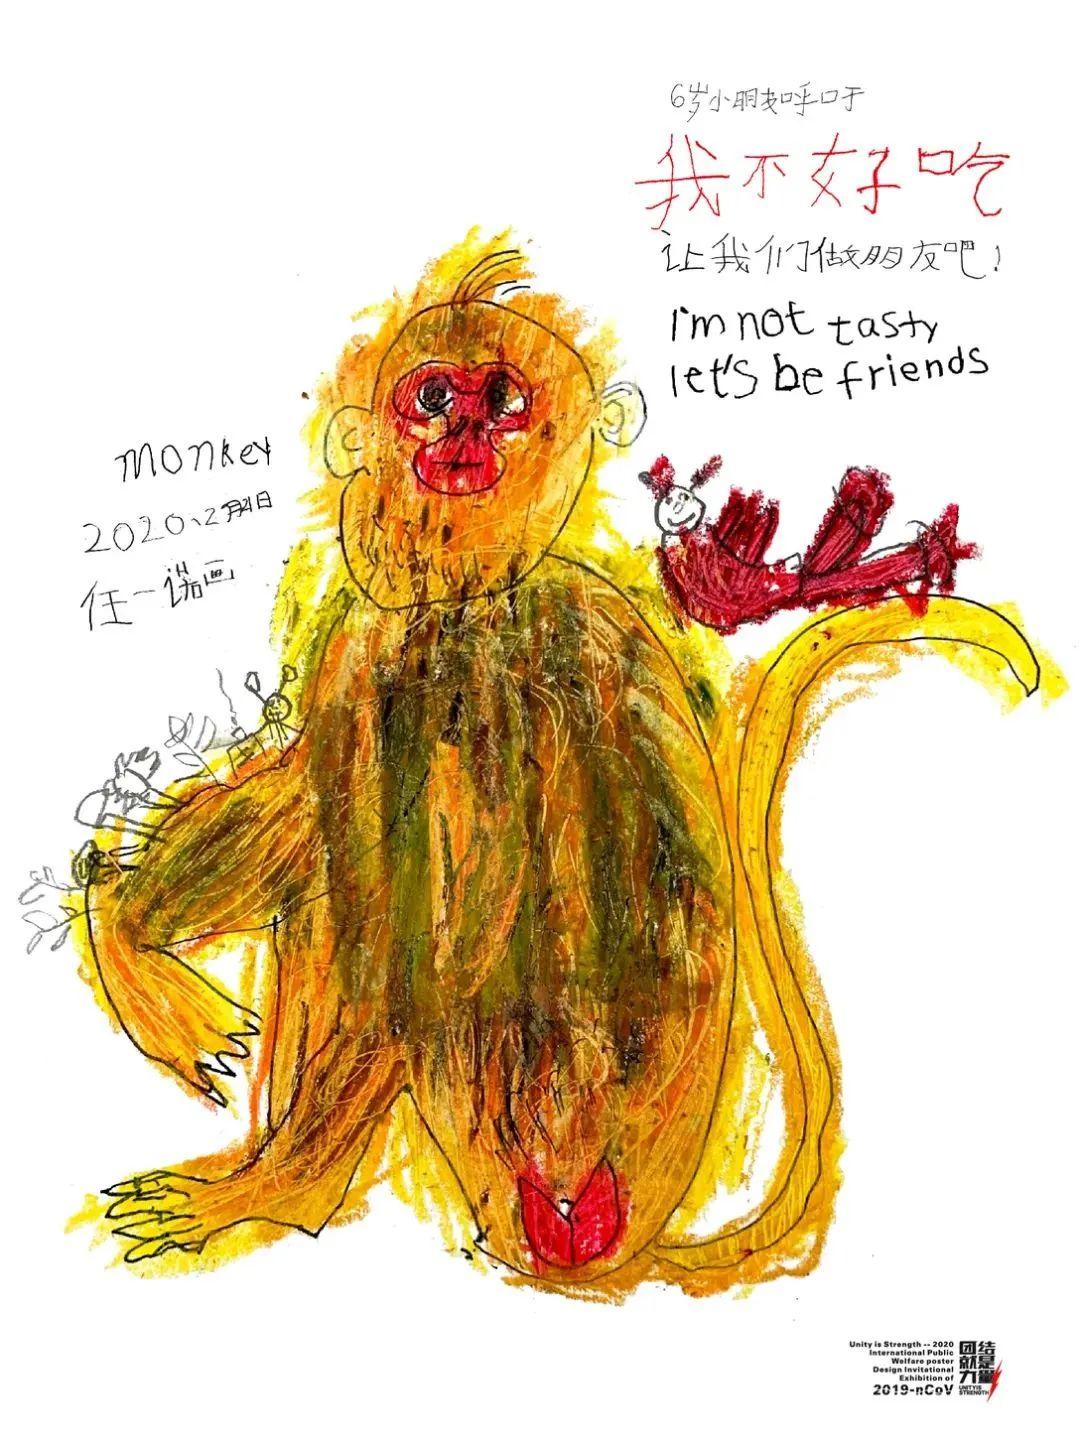 6岁蒙古族小设计师用插画拯救野生动物,为抗疫助力! 第49张